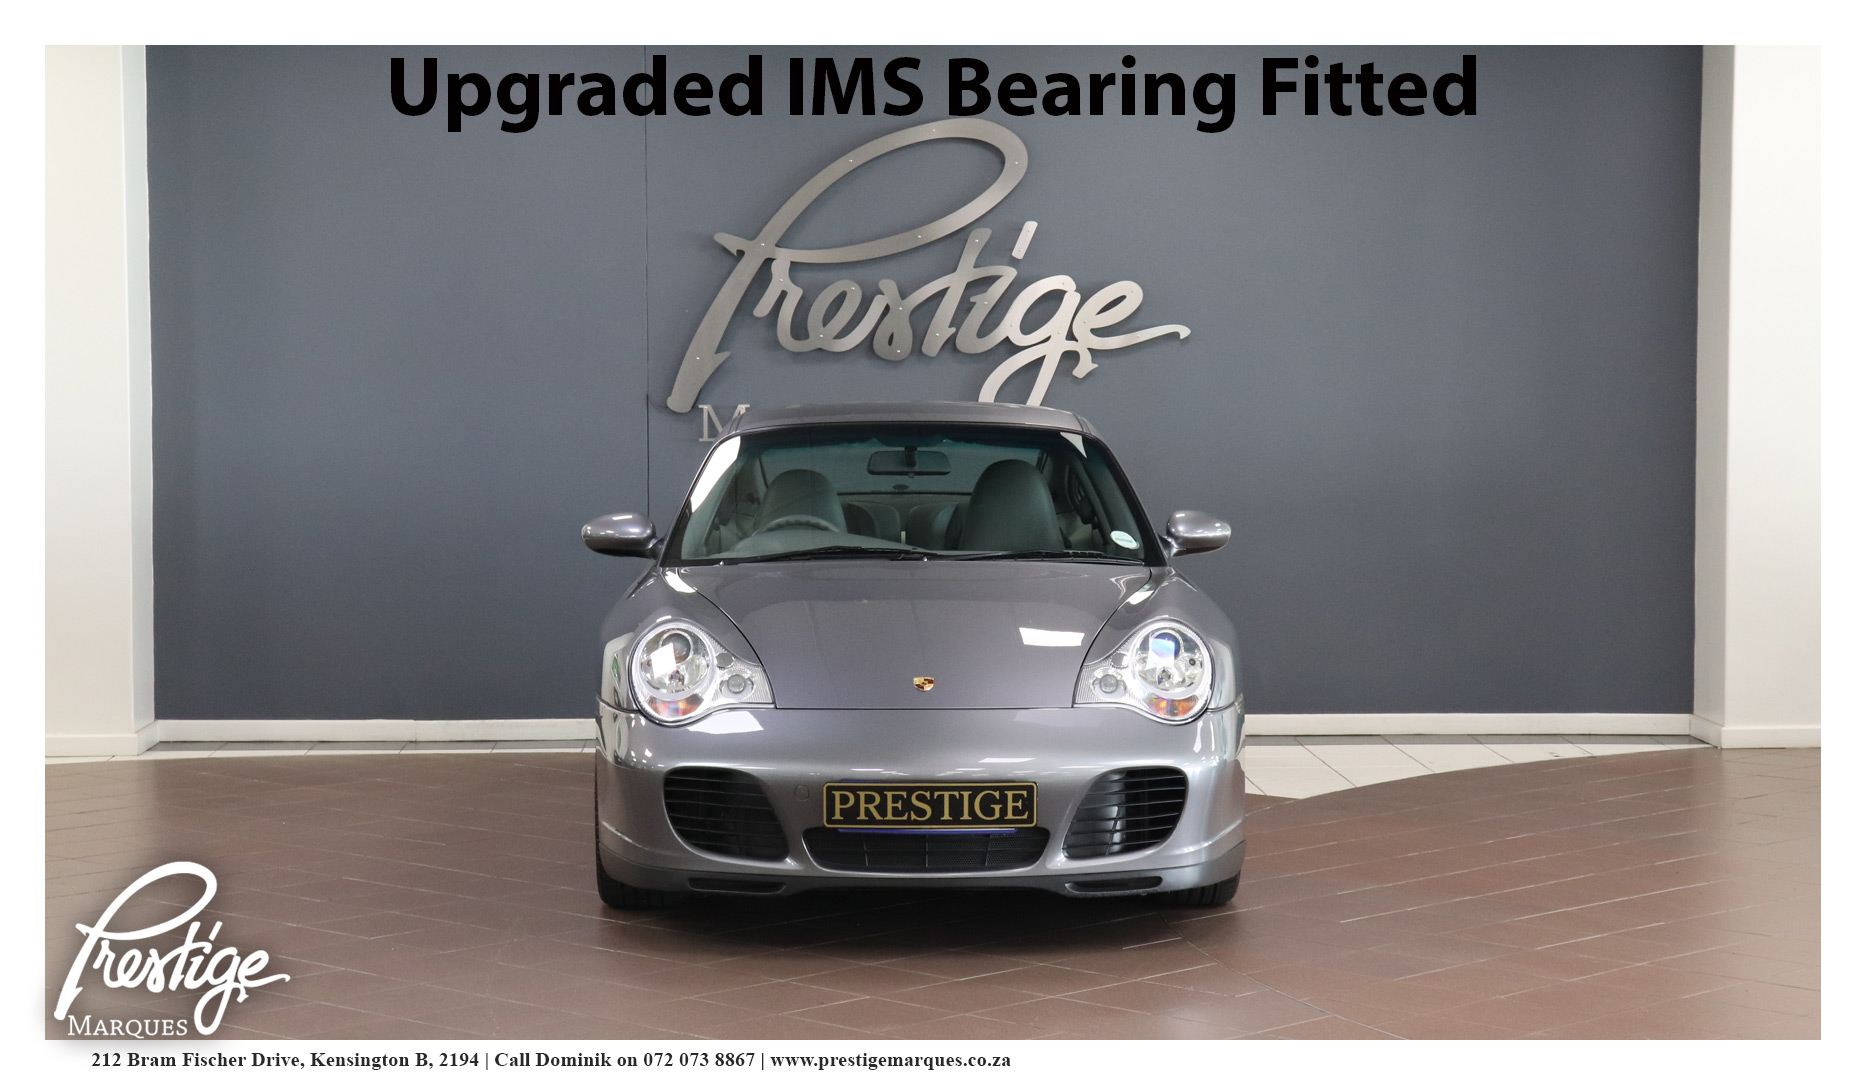 2005-Porsche-911-996-4s-Coupe-Manual-Prestige-Marques-Randburg-Sandton-9